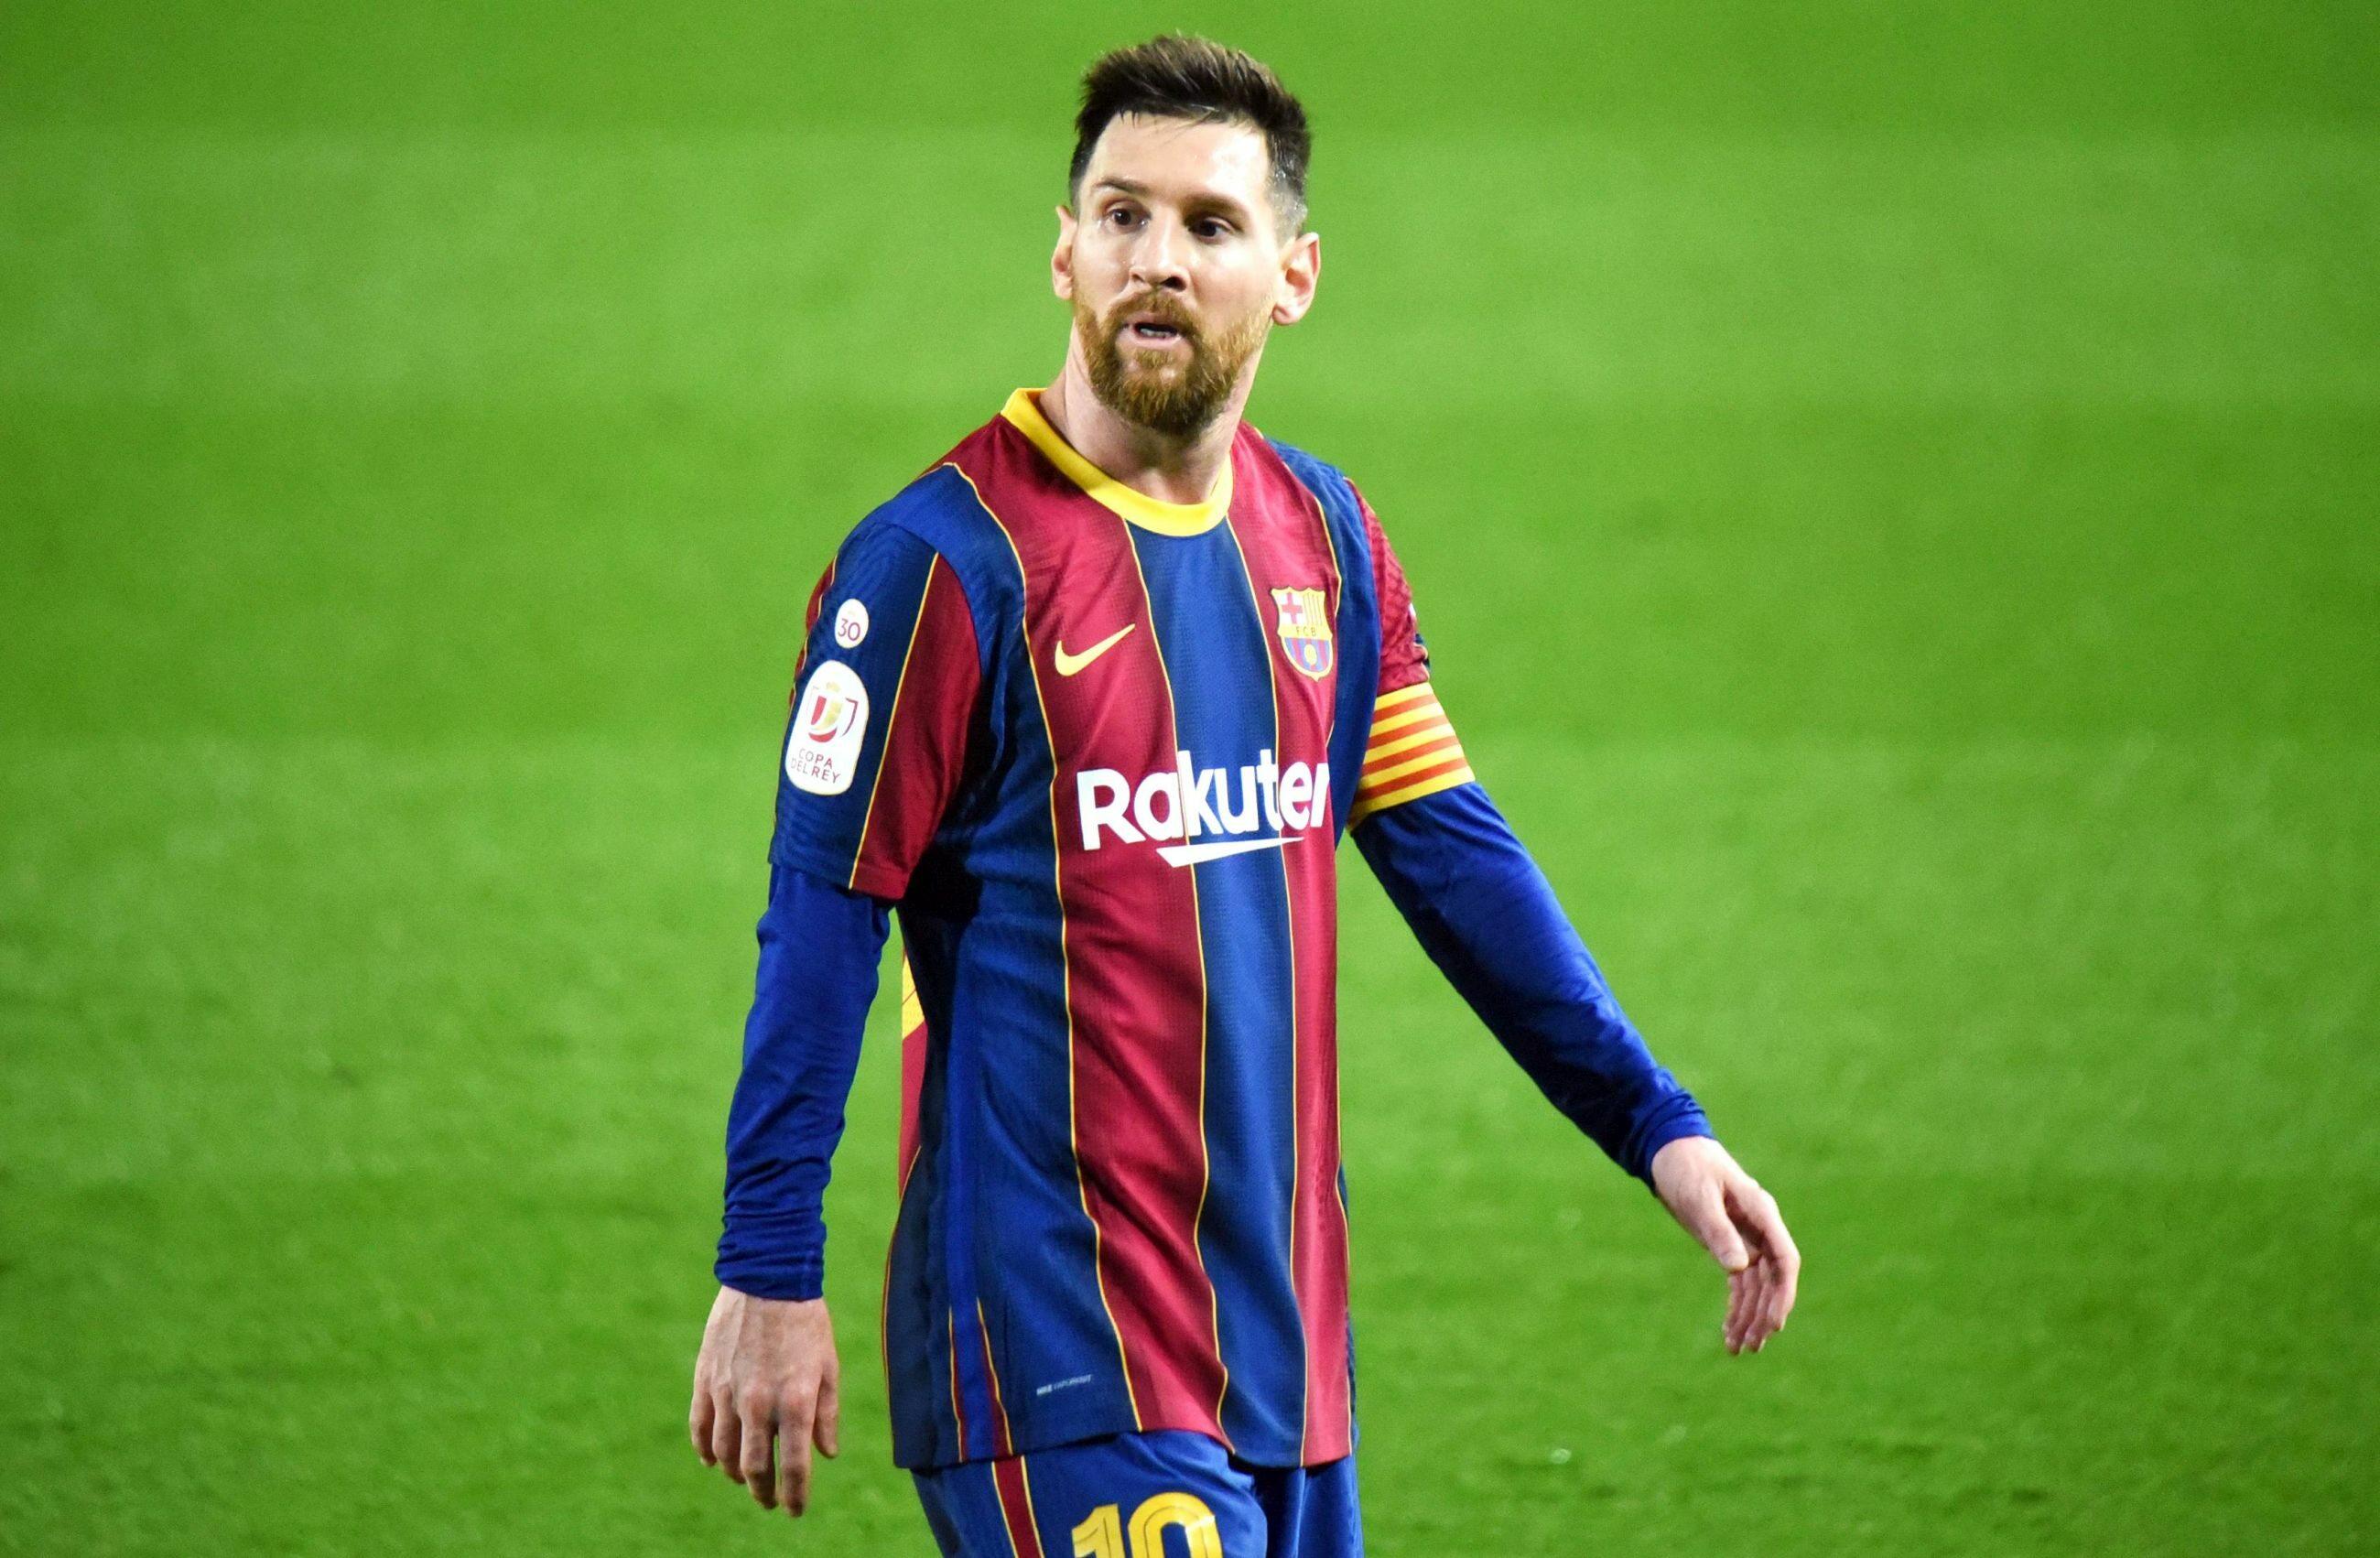 Leo Messi podpisze nowy kontrakt z FC Barceloną? Piłkarz jednak nie przejdzie do PSG